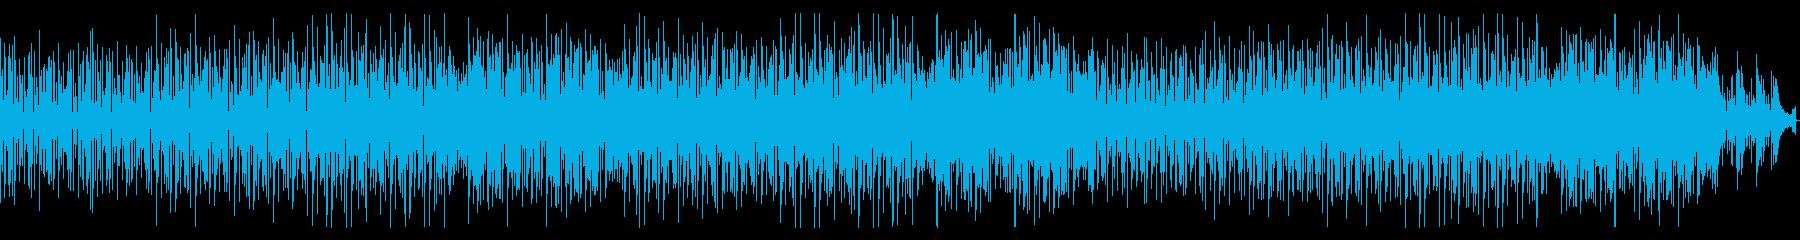 企業VP・切ない雰囲気アンビエントピアノの再生済みの波形